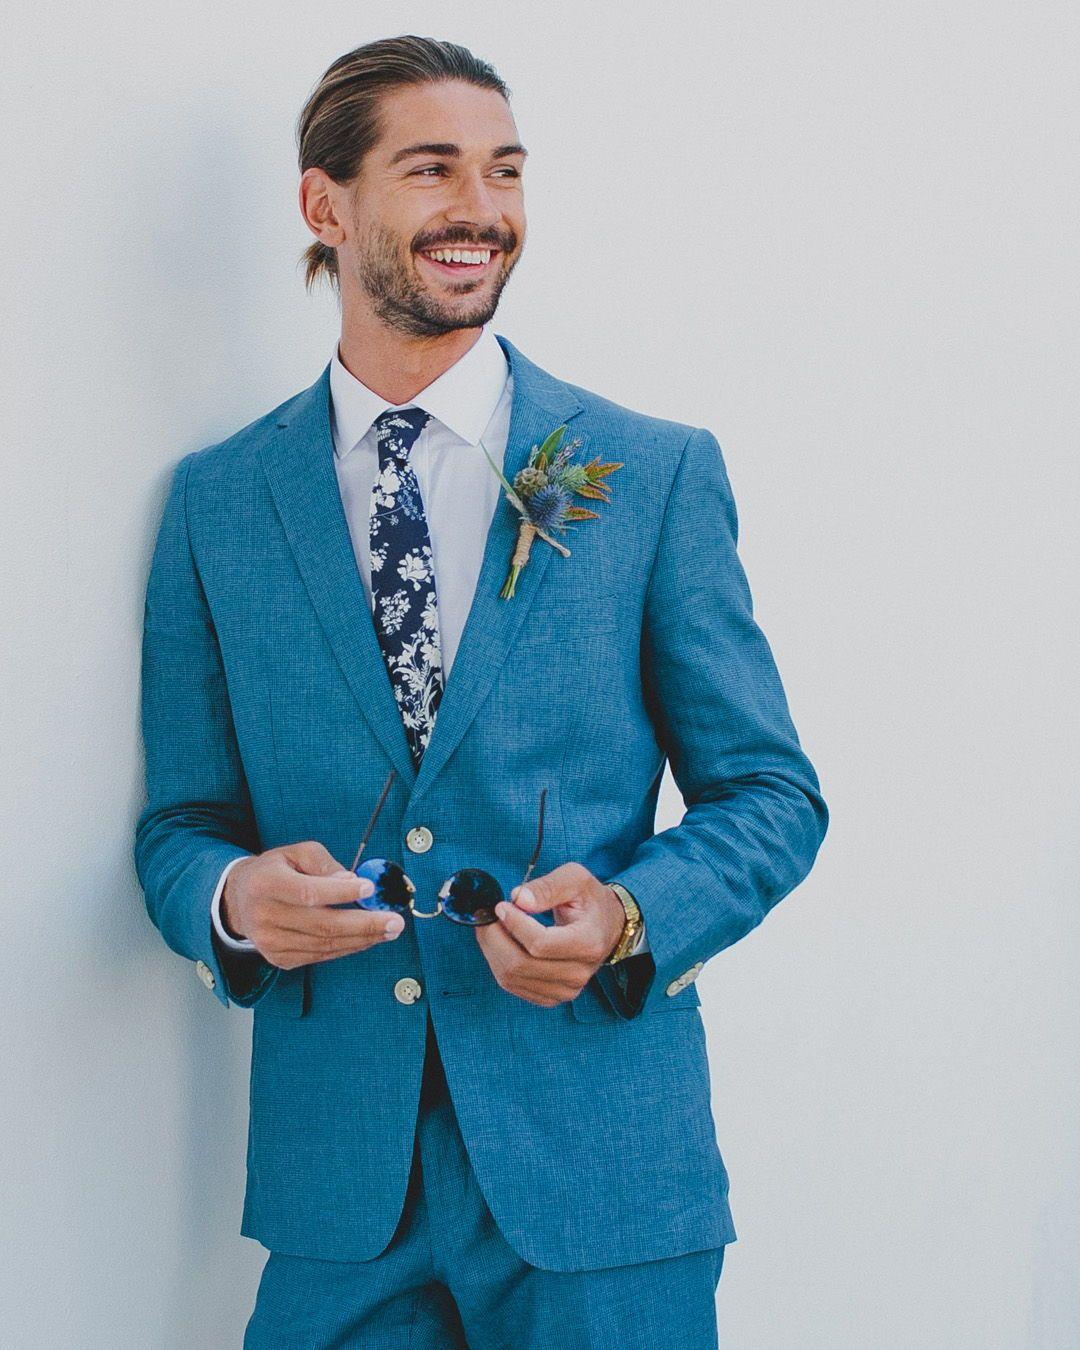 Introducing the gws x neck u tie company tie collection men u boy